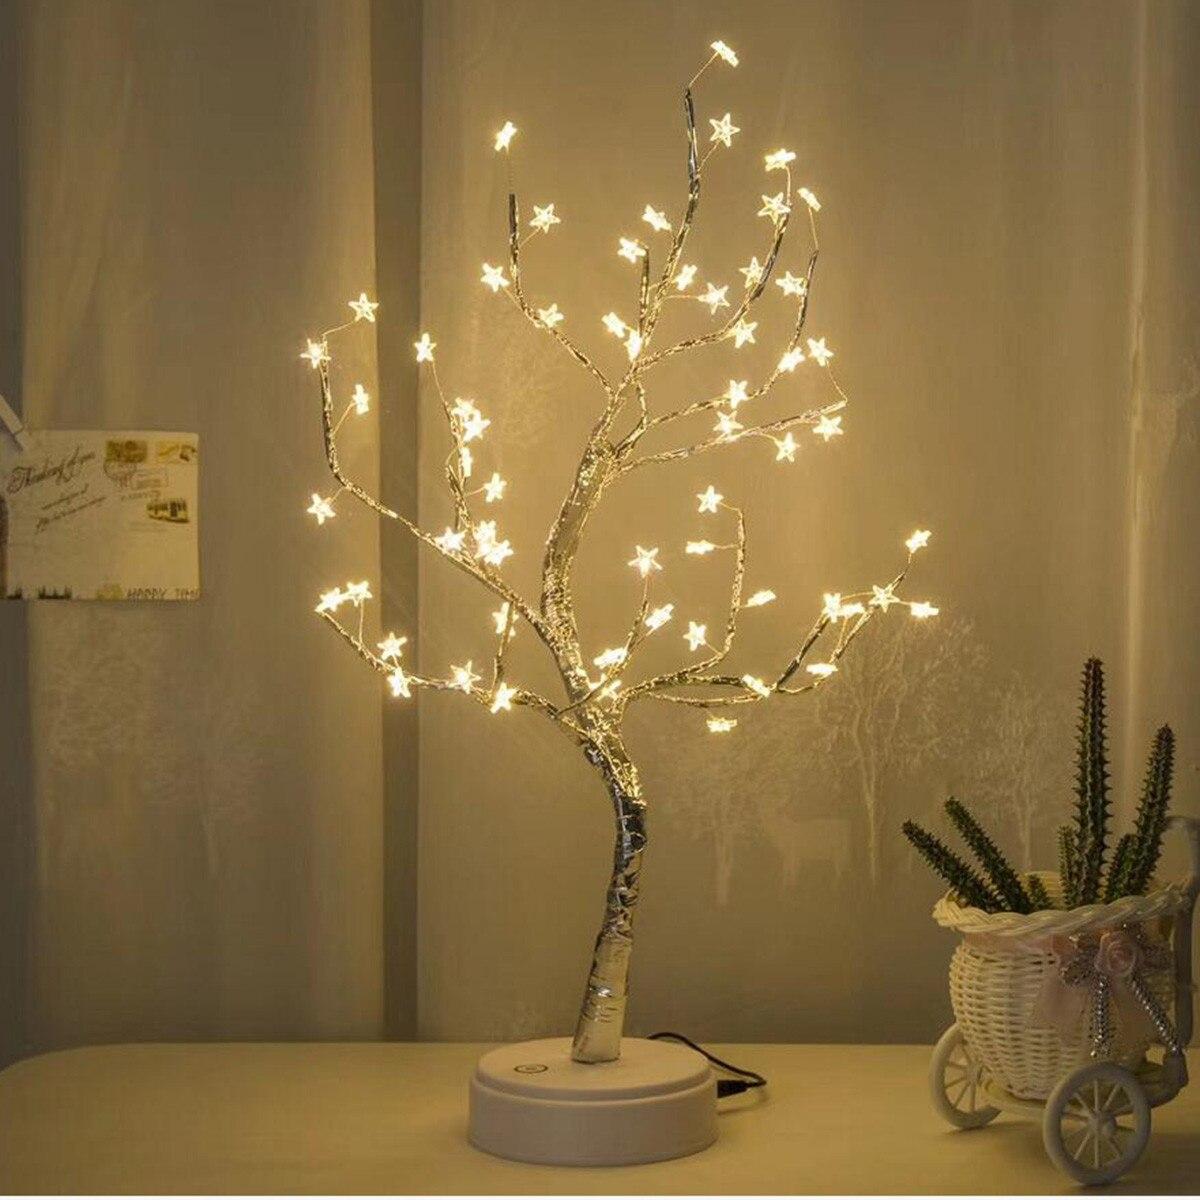 Originele ALIWARM Witte LED Met 60 Witte Ster Tafellamp Voor Thuis Decoratie Bruiloft Slaapkamer Dropshipping 20